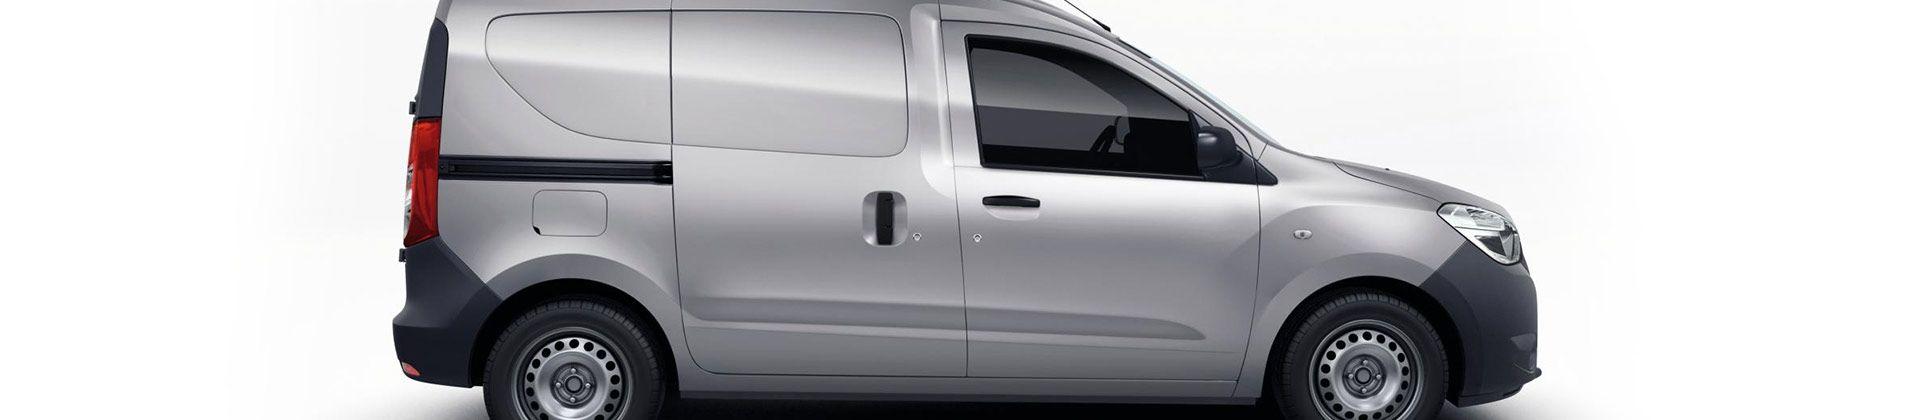 Renault Dokker — долгожданная новинка